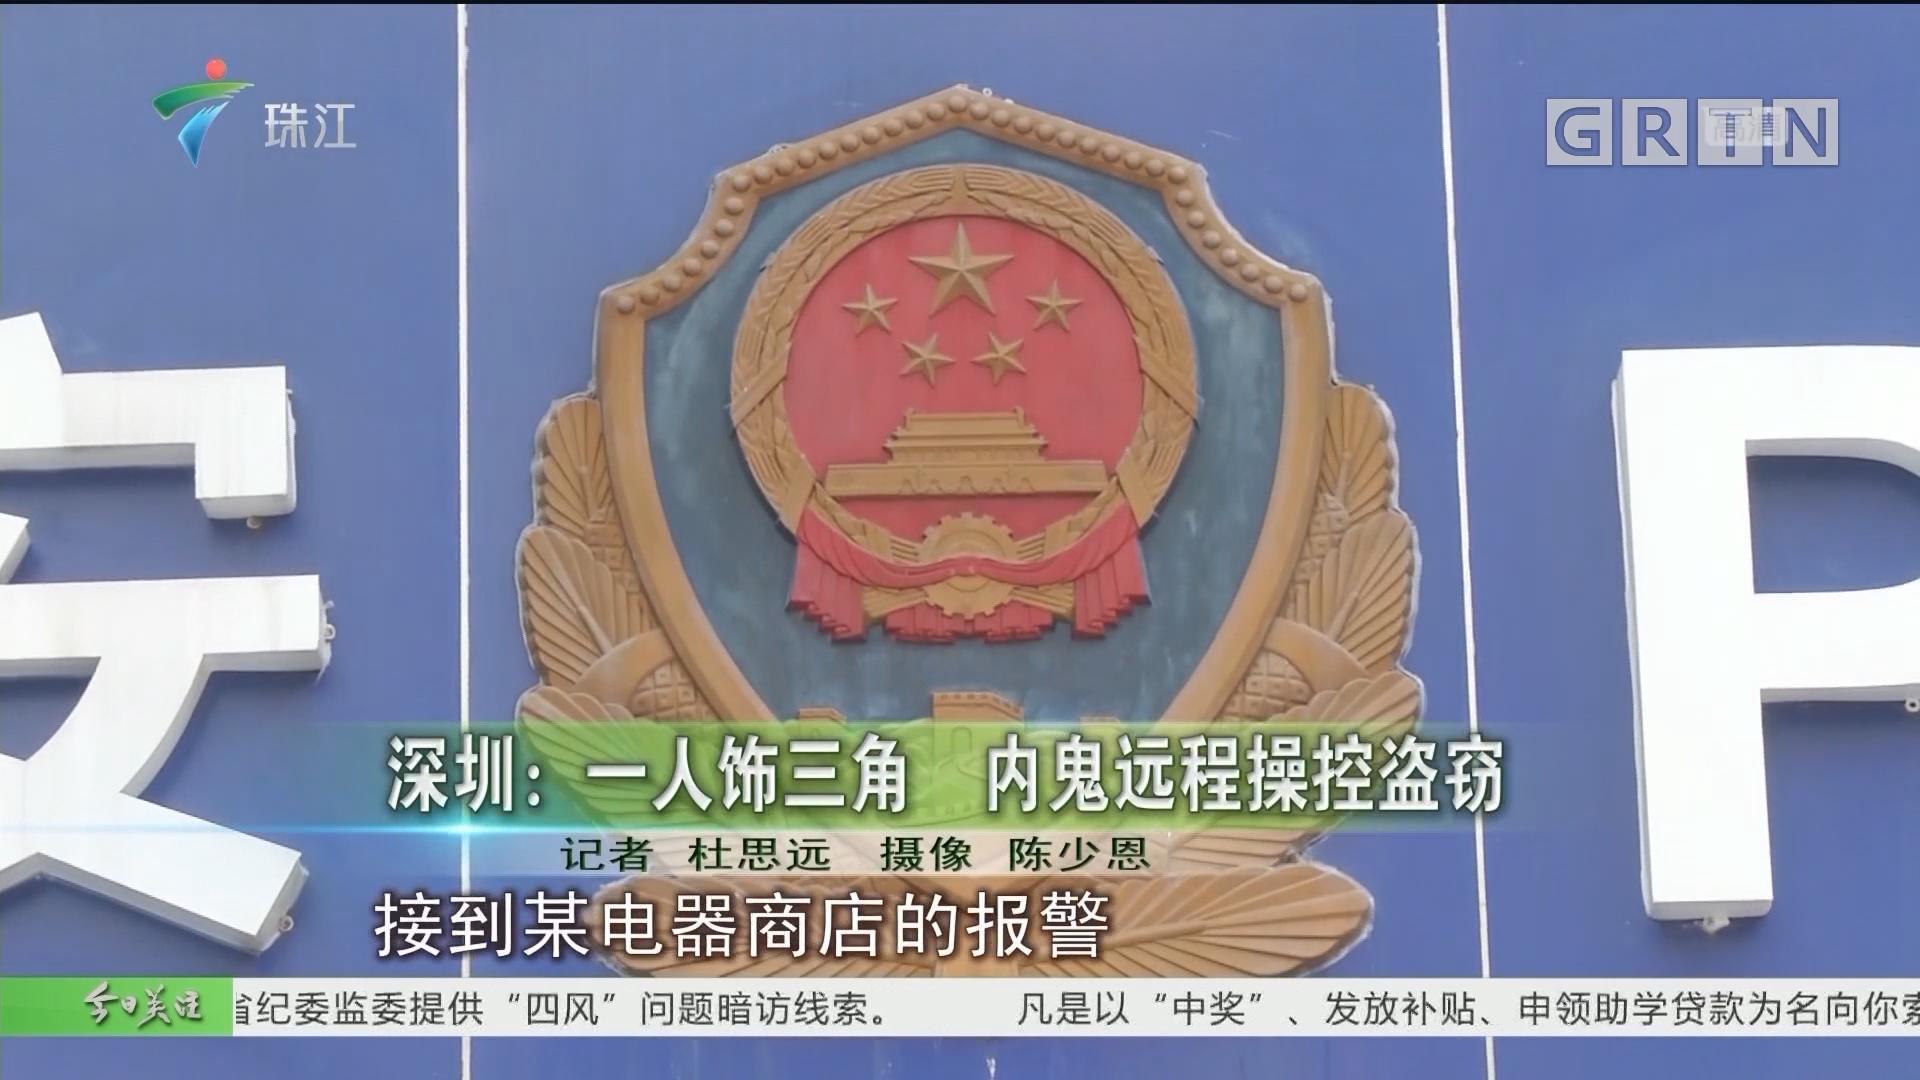 深圳:一人饰三角 内鬼远程操控盗窃